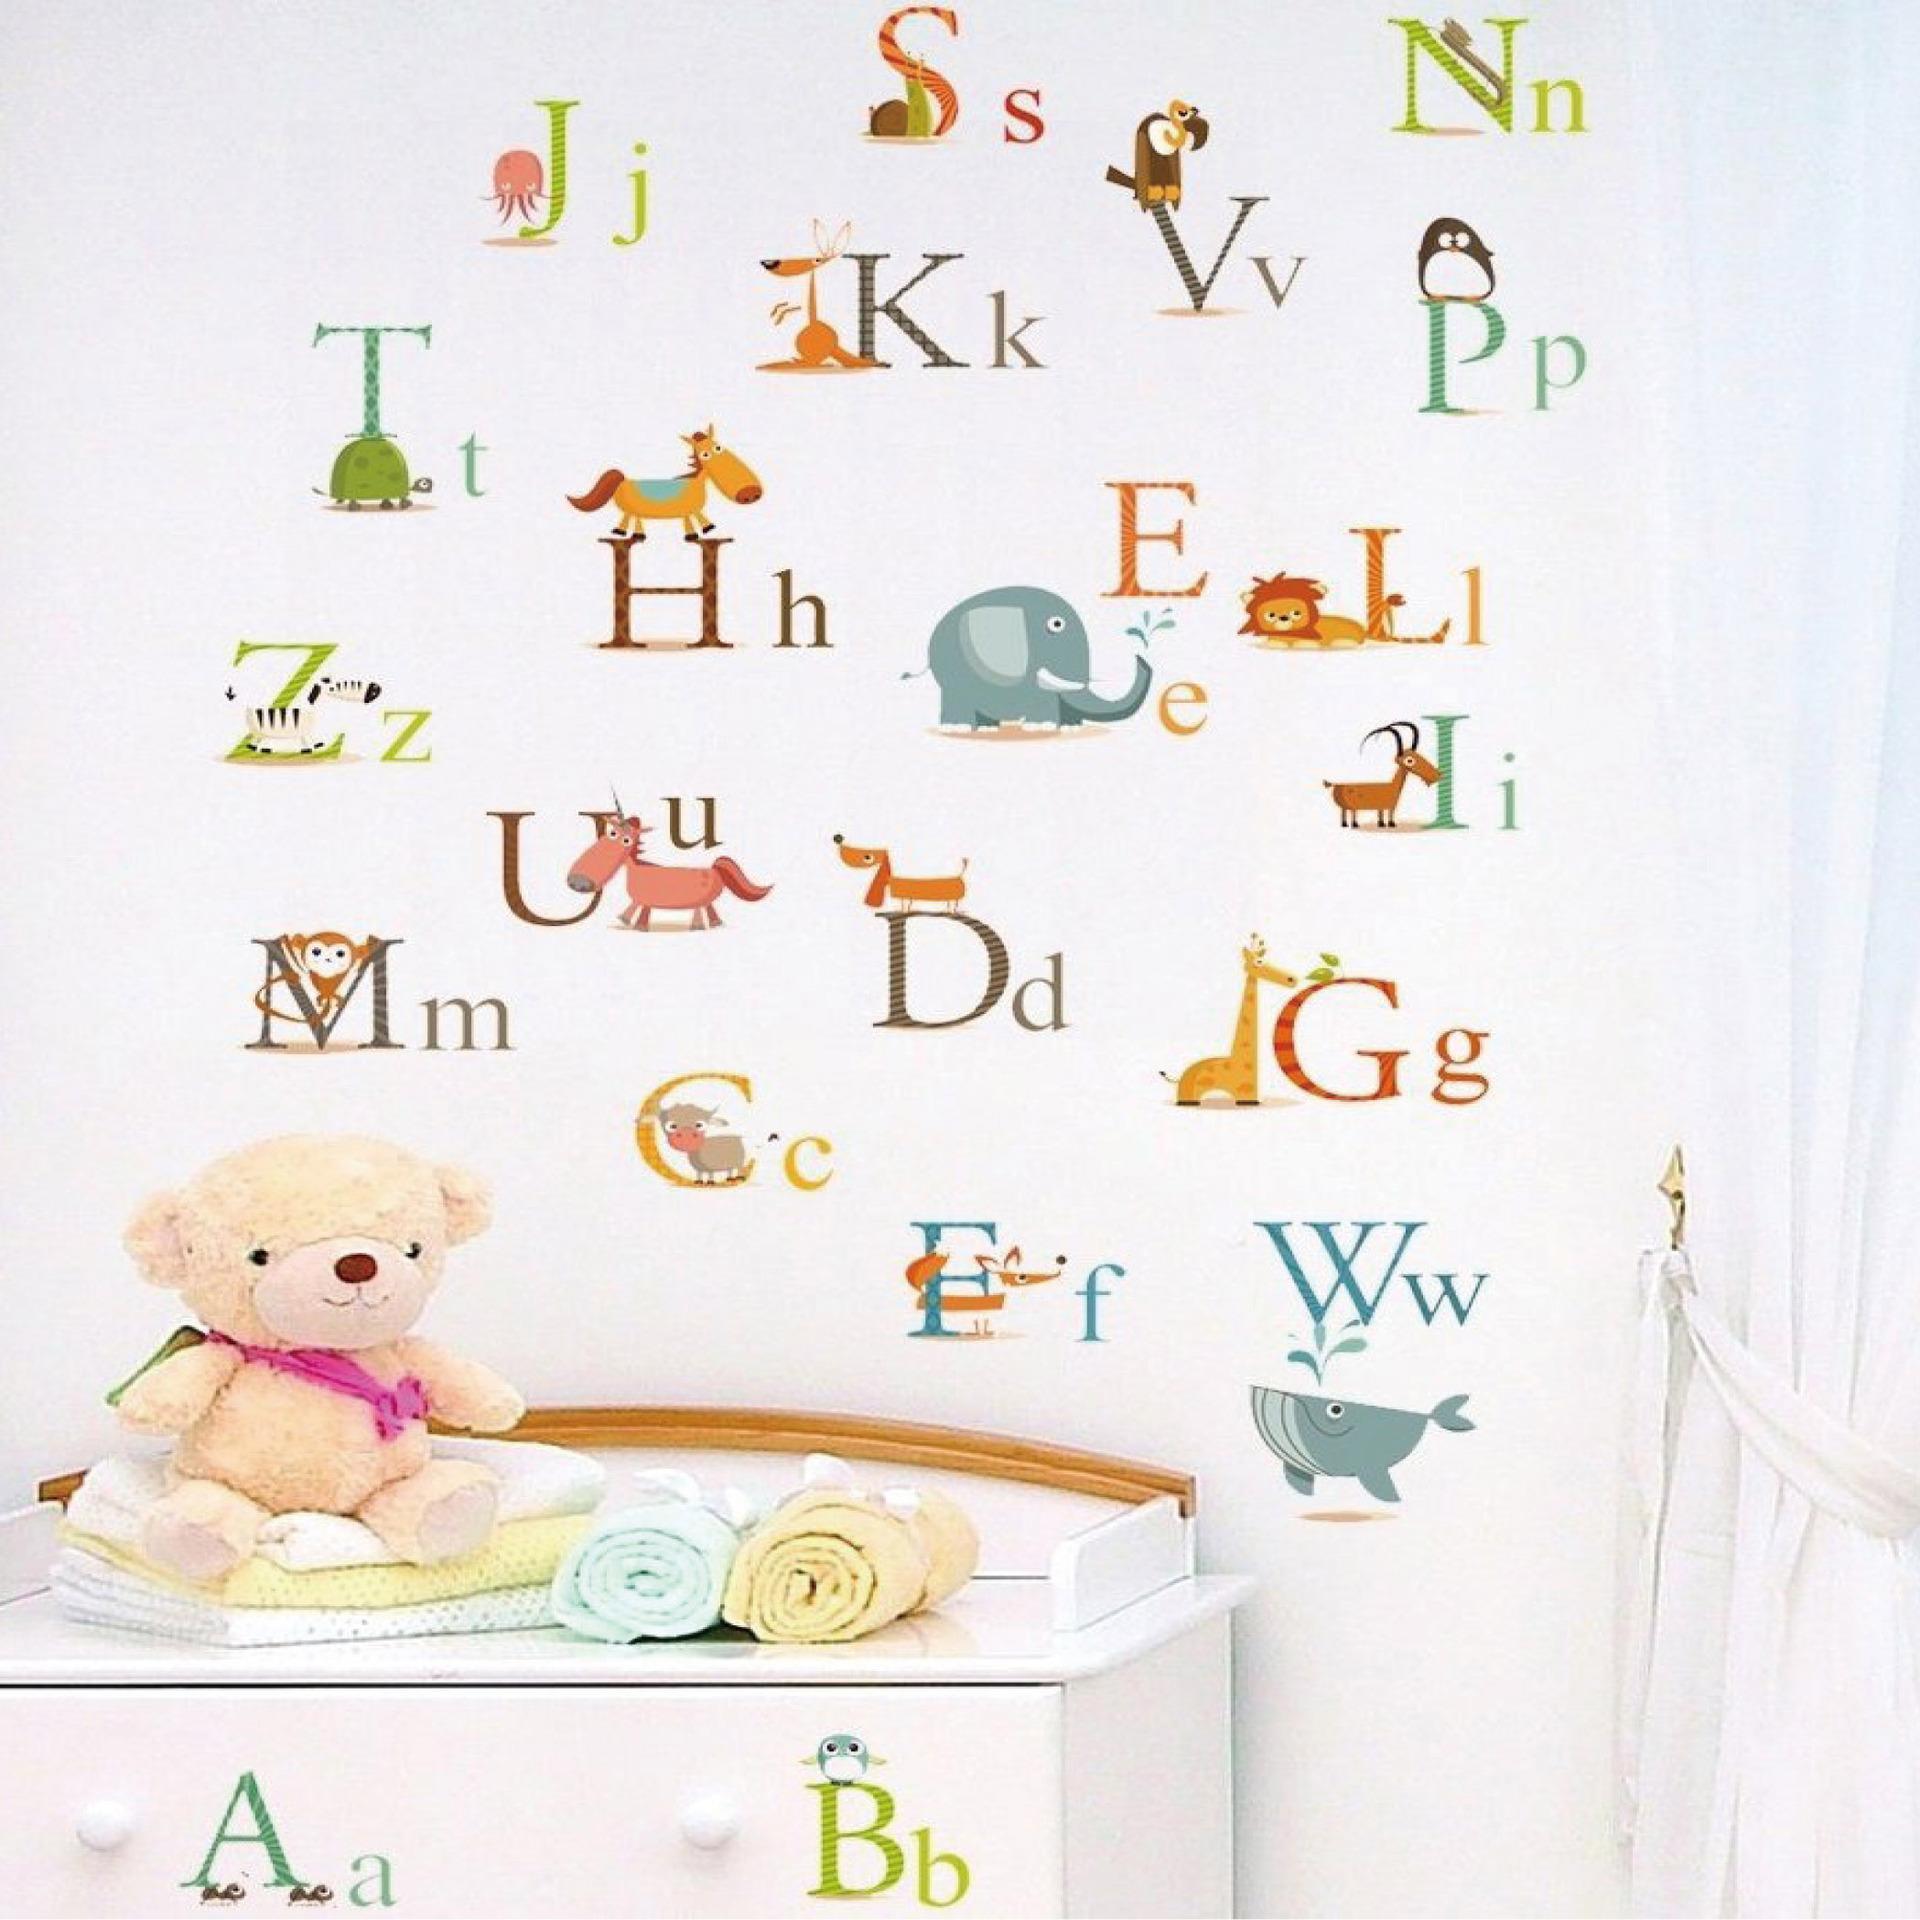 Азбука на стене картинки